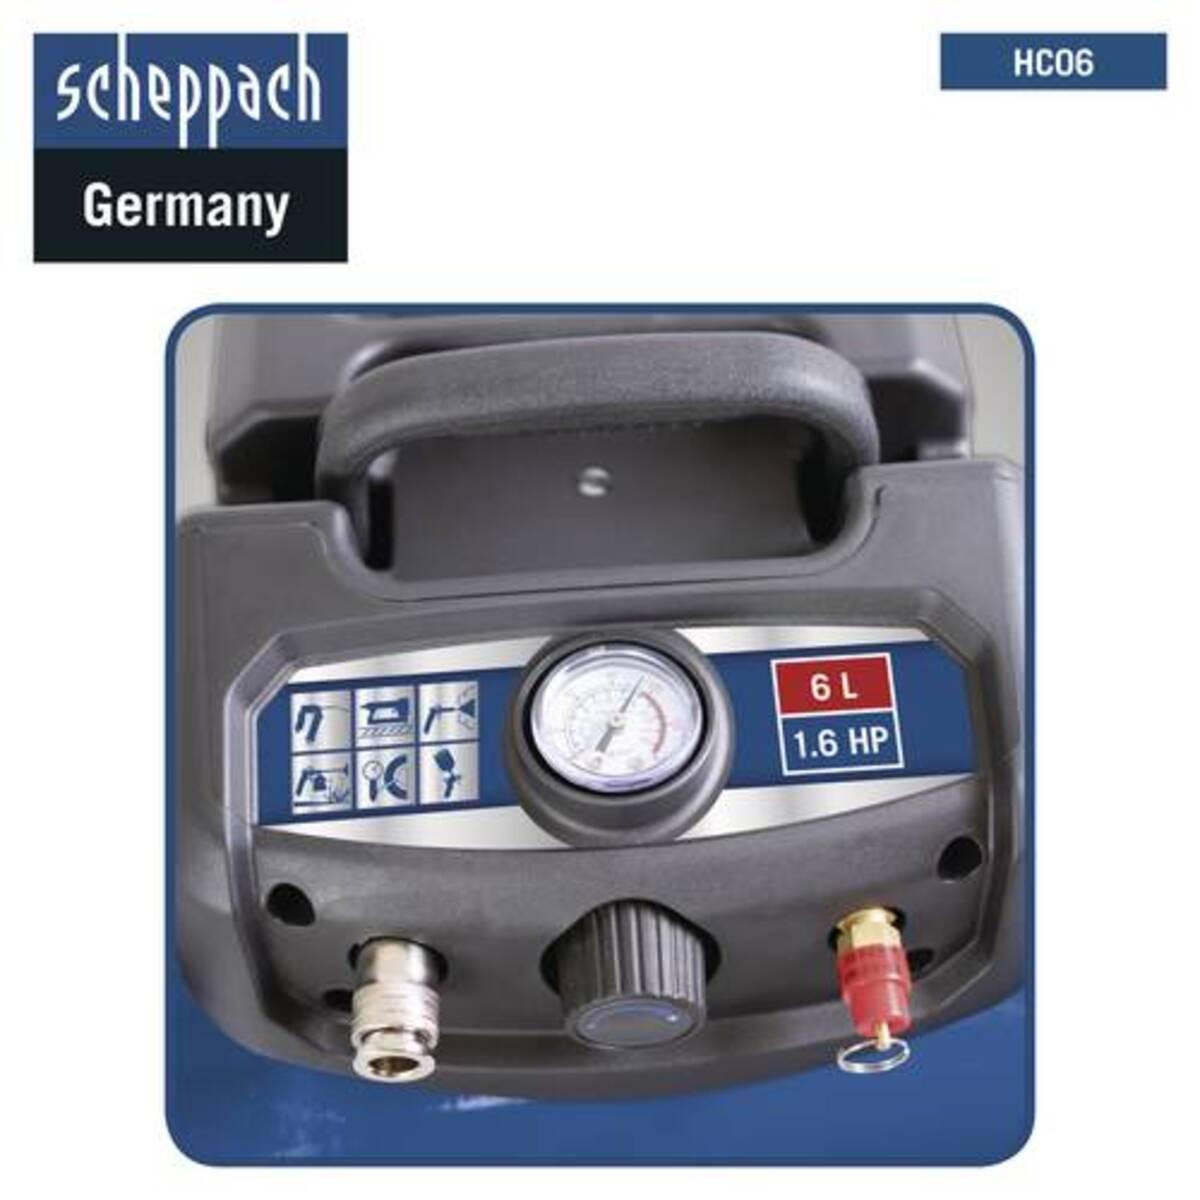 Bild 5 von Scheppach Kompressor HC06 6L